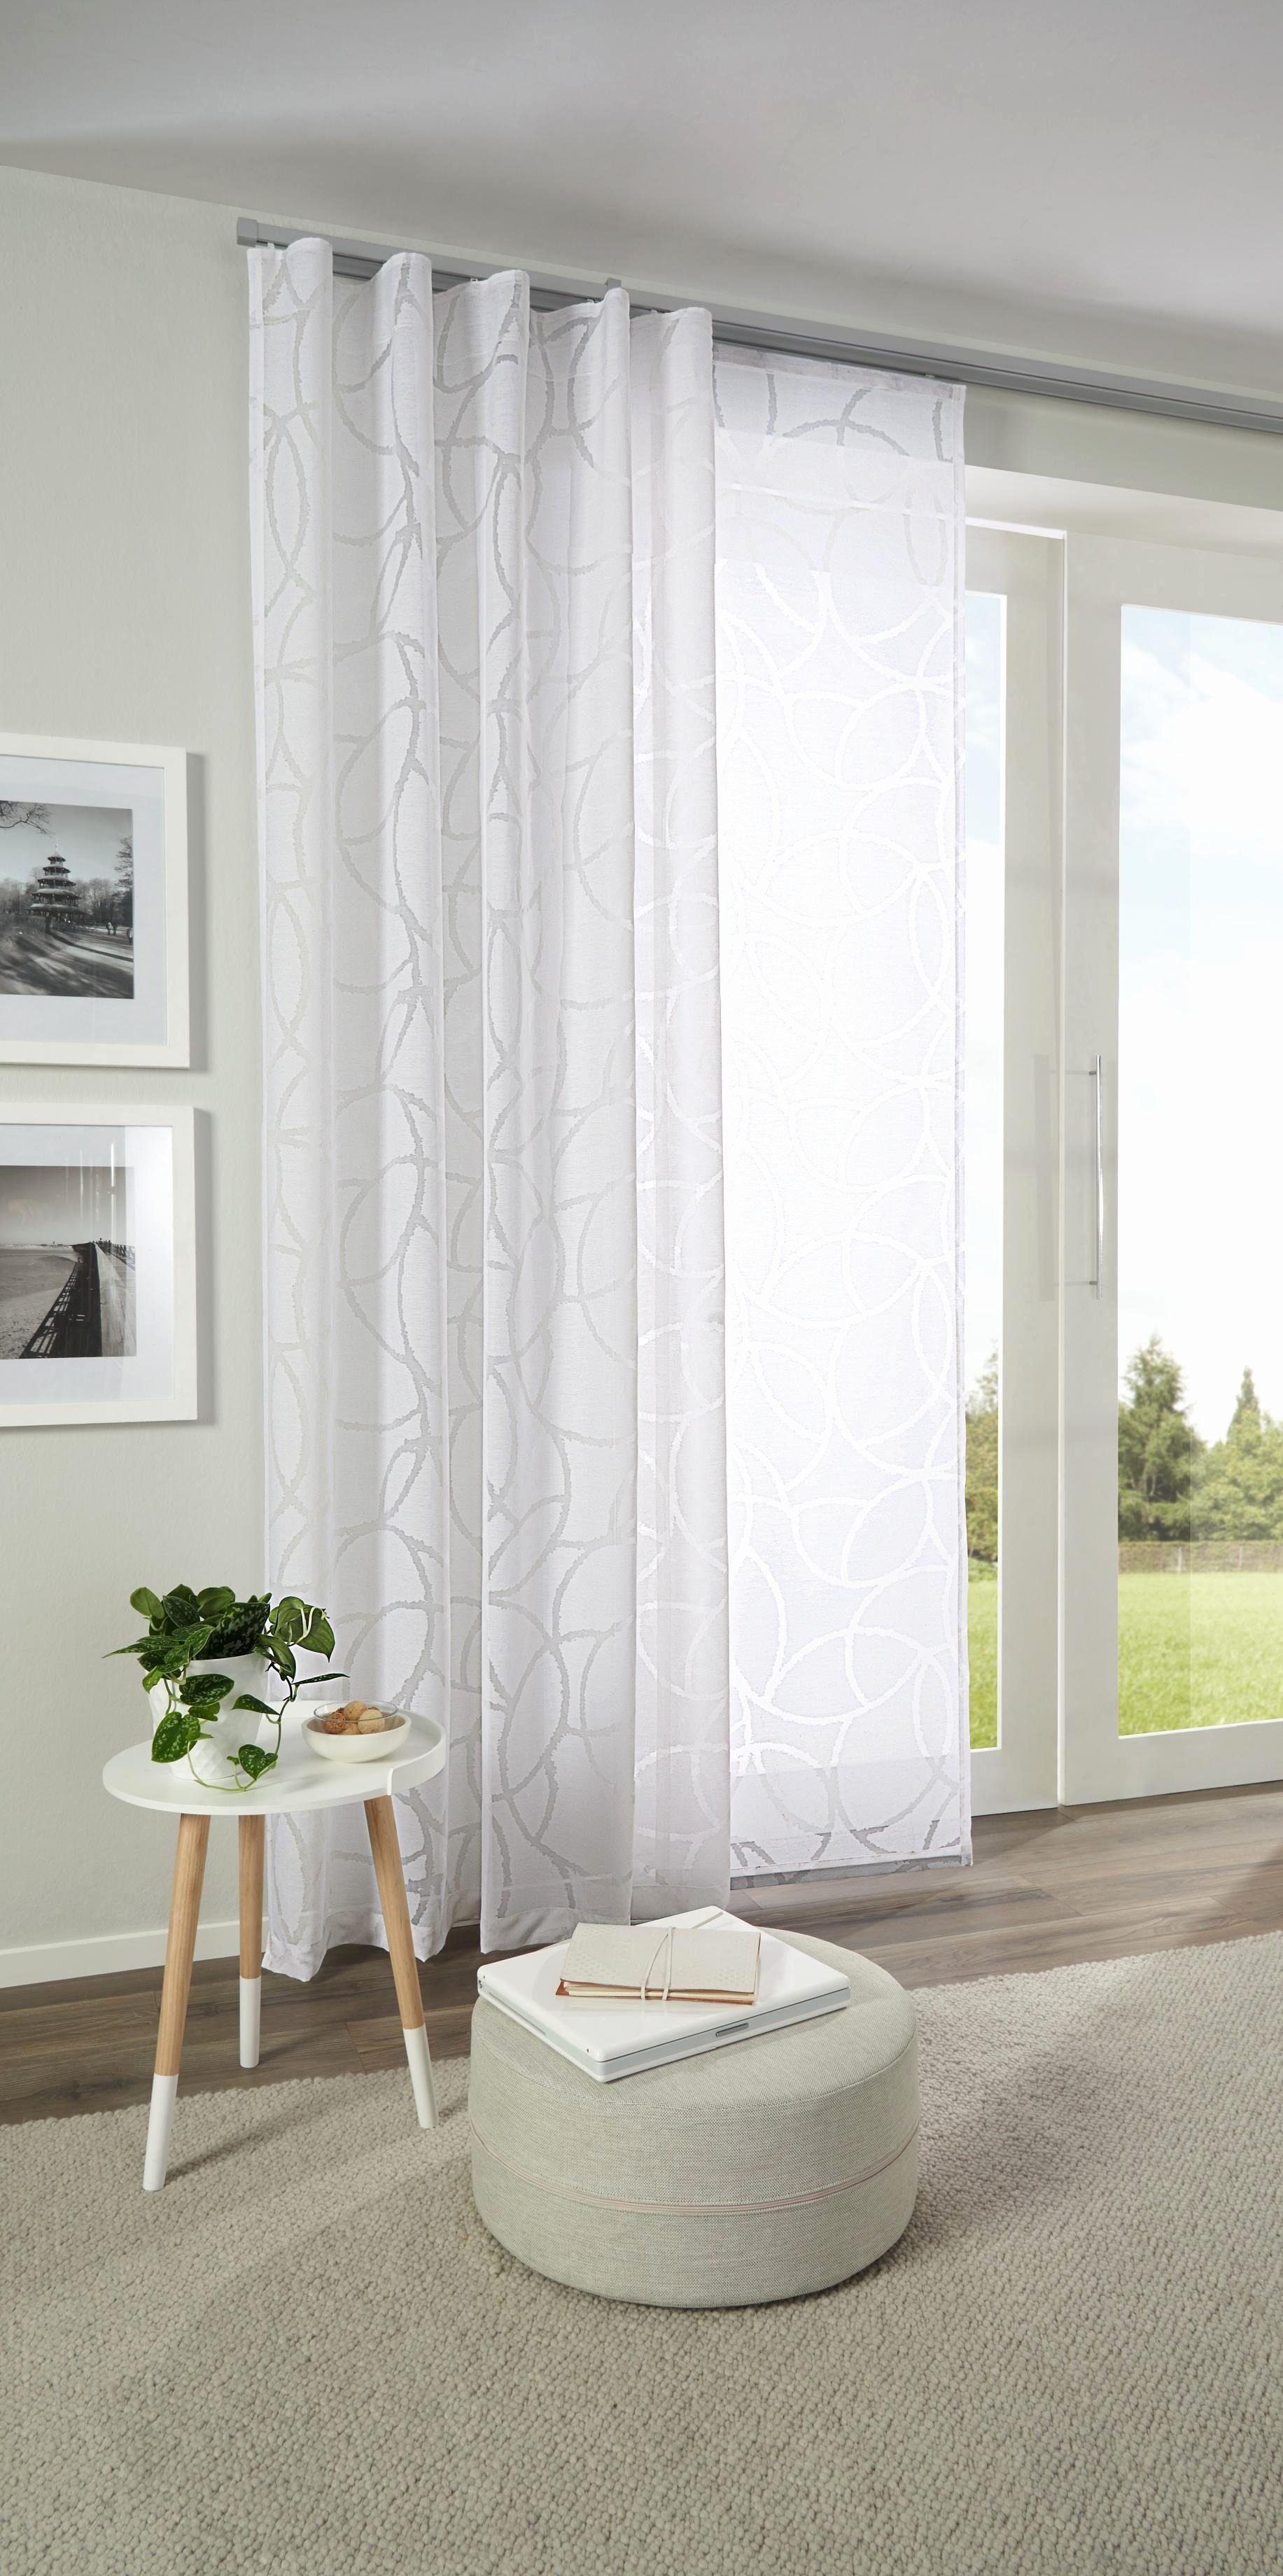 15 Großartig Bilder Von Edle Wohnzimmer Deko Gardinen Wohnzimmer Modern Vorhänge Schlafzimmer Gardinen Wohnzimmer